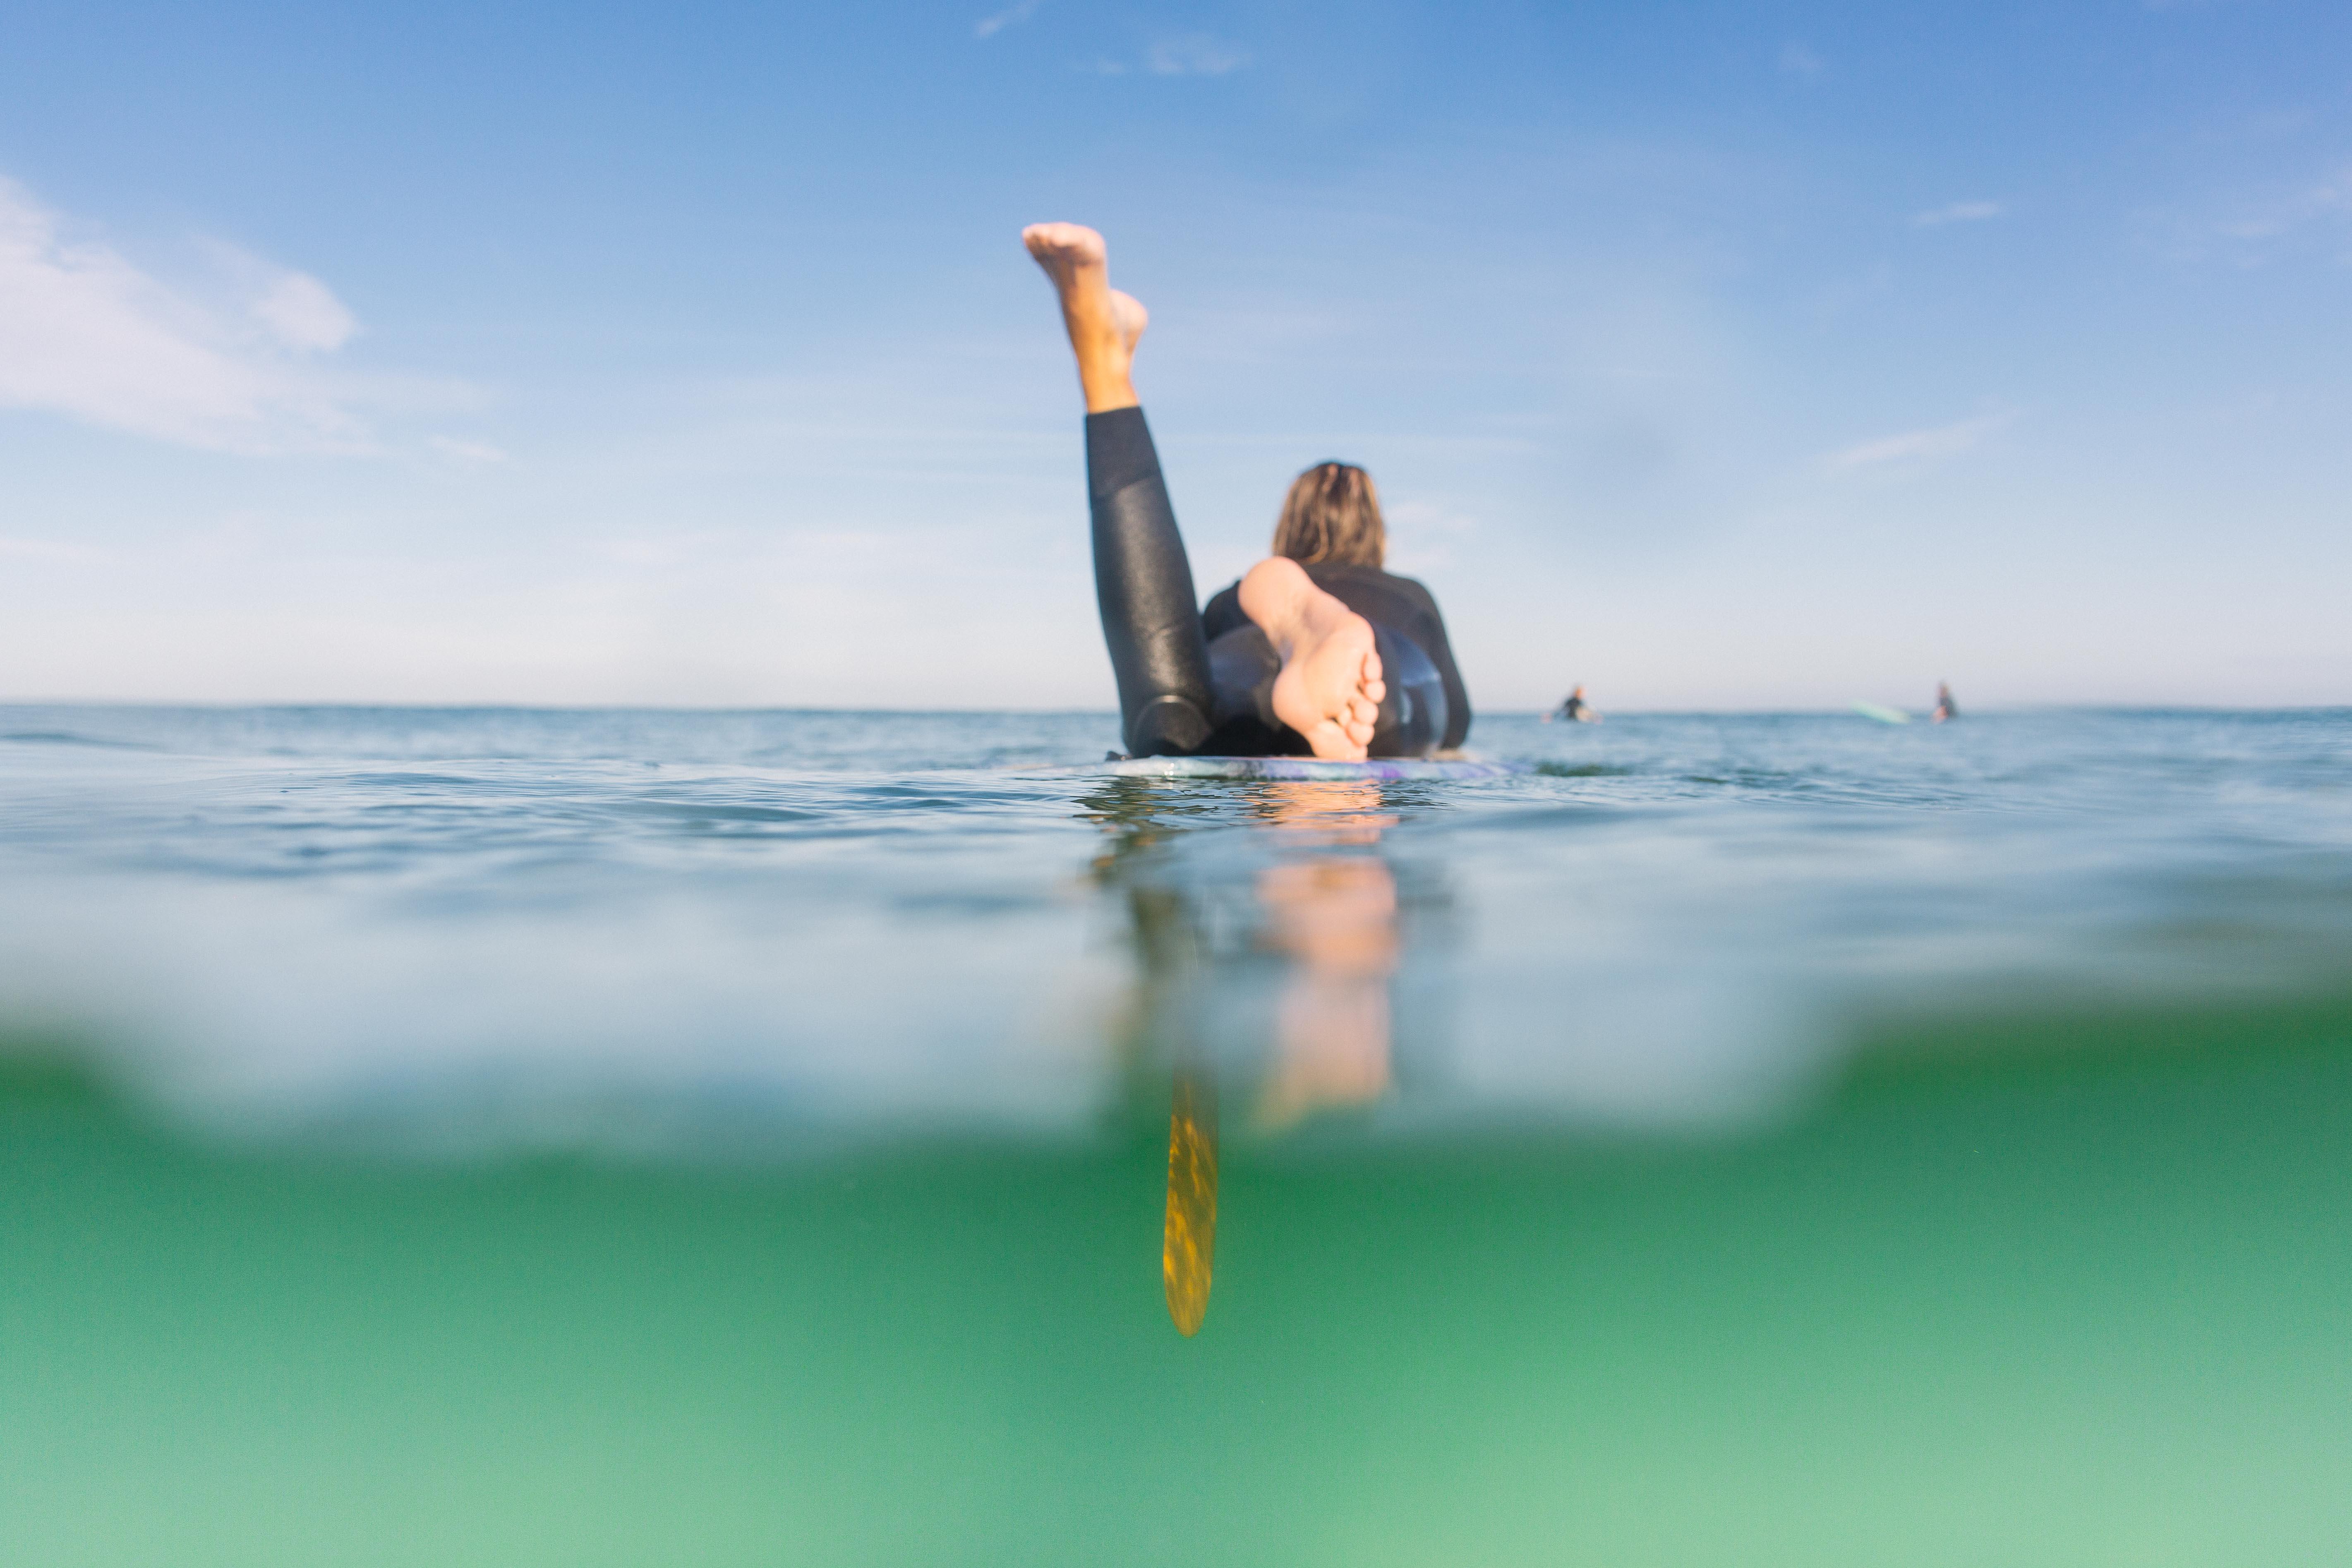 PATAGONIA STA CAMBIANDO L'INDUSTRIA DEL SURF